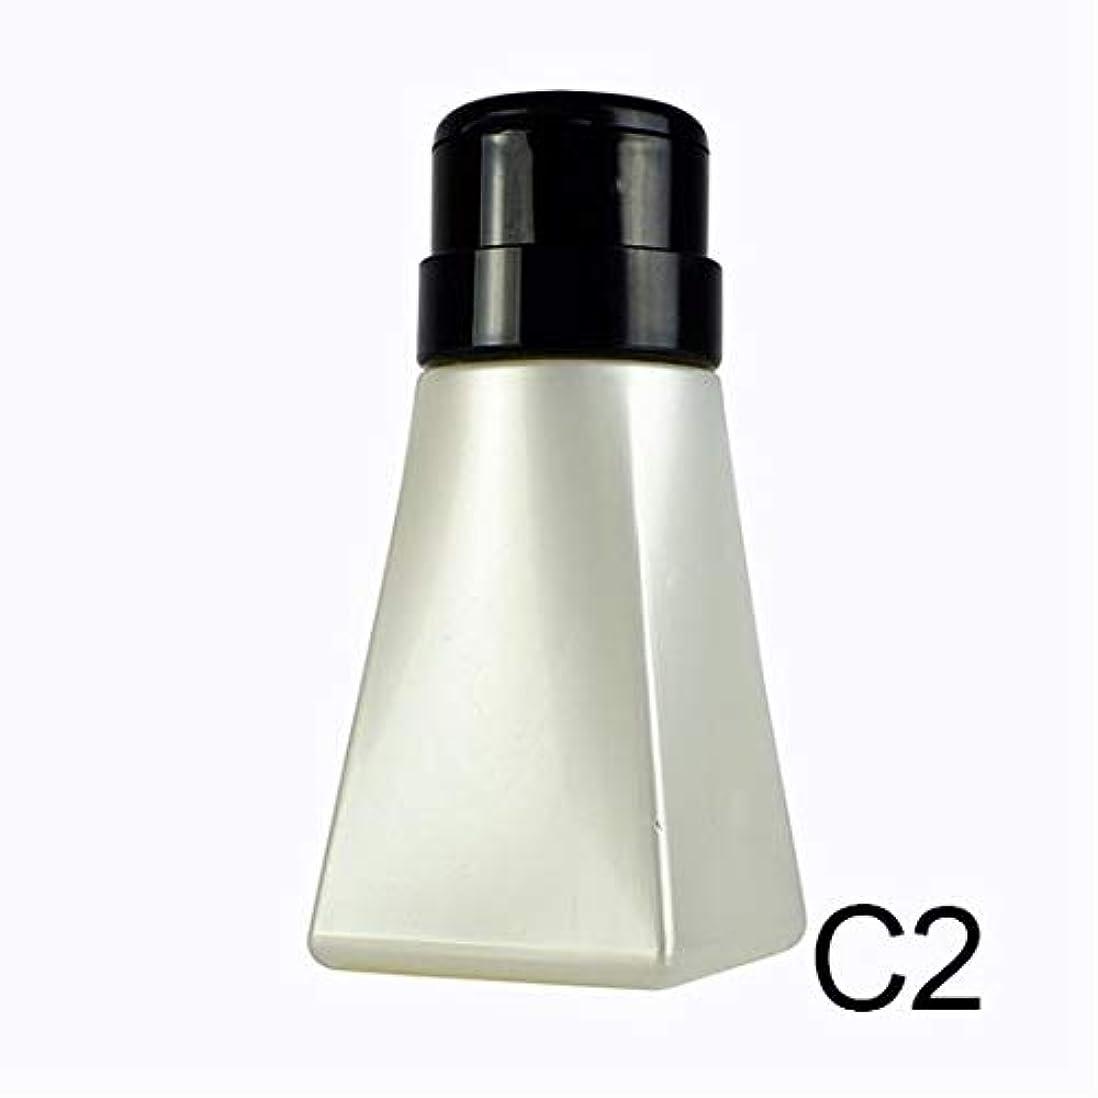 効果的長くするオセアニアGeobiva - 液体アルコールリムーバークリーナー詰め替え用容器200ミリリットル3種類空ポンプディスペンサーネイルツールボトル[C2]